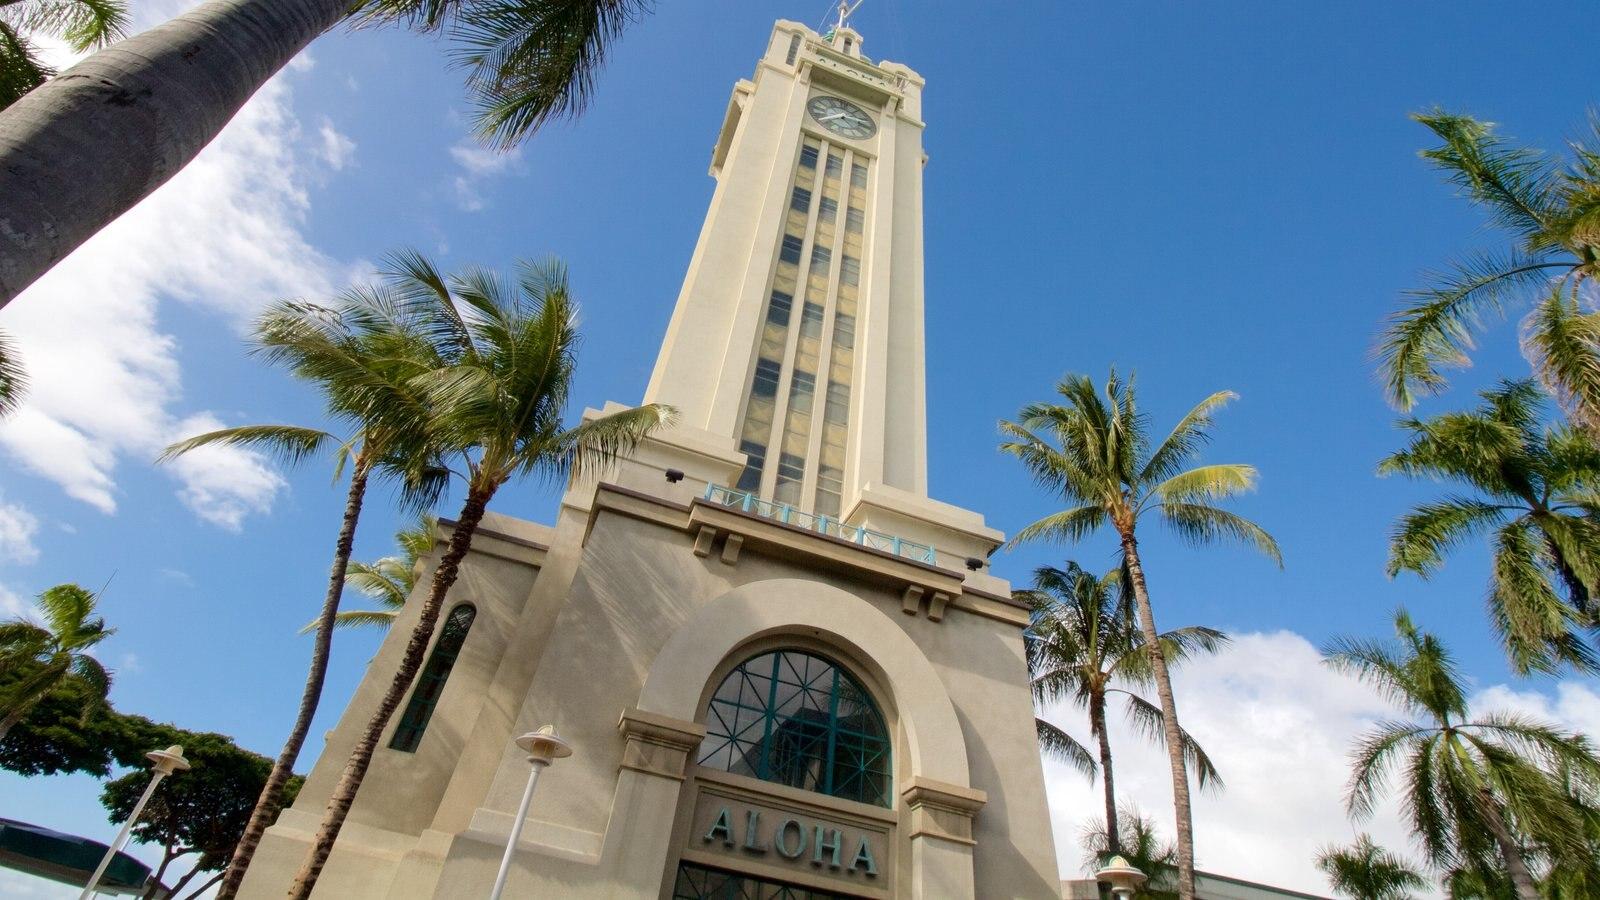 Aloha Tower mostrando arquitetura moderna